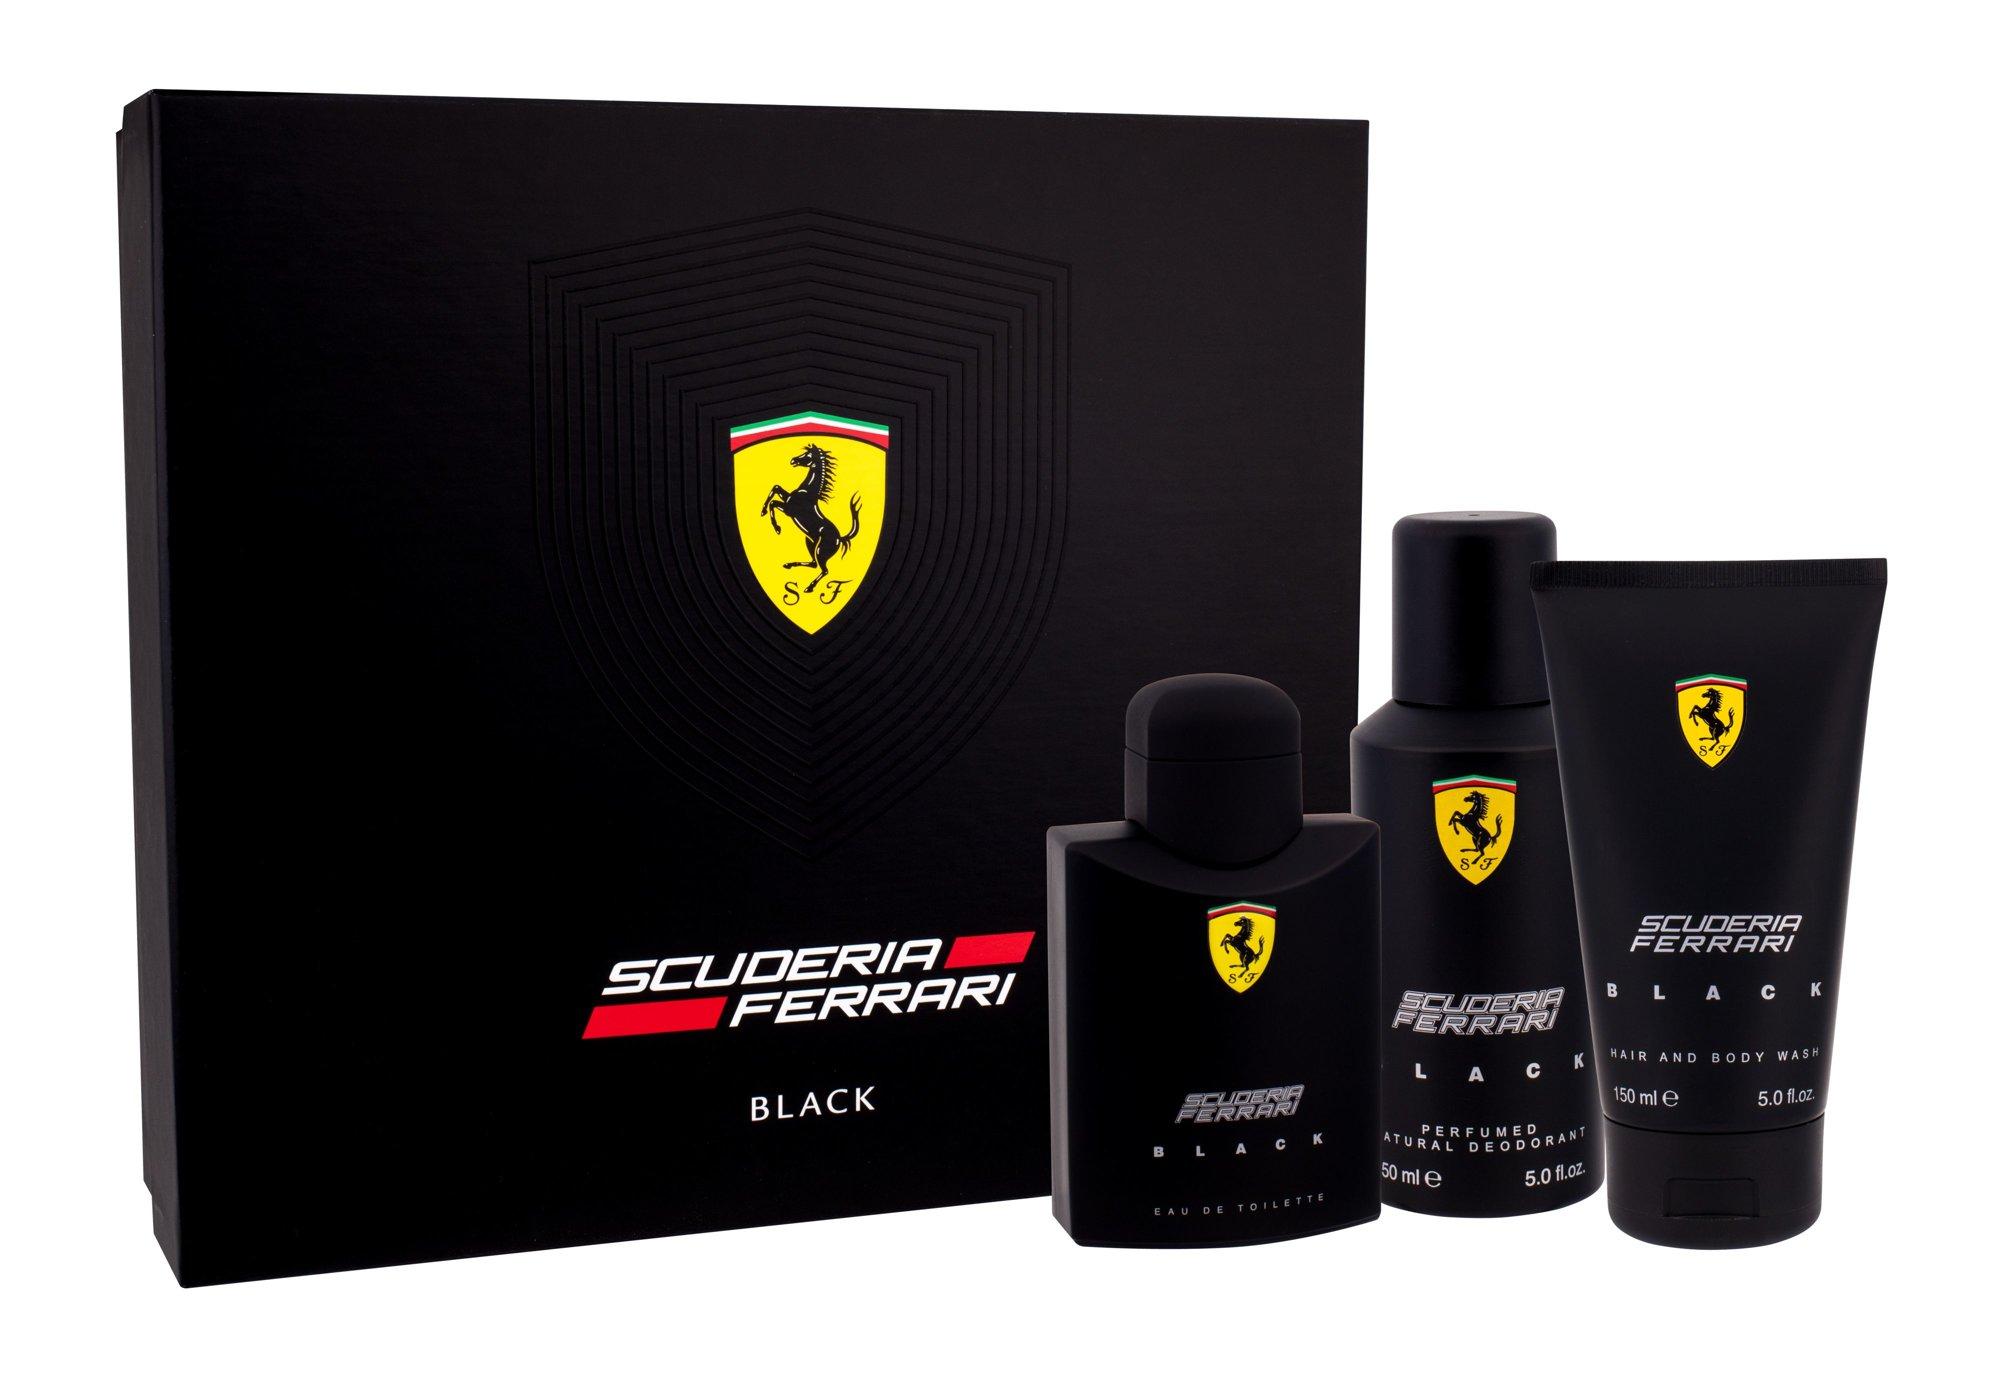 Ferrari Scuderia Ferrari Black Eau de Toilette 125ml